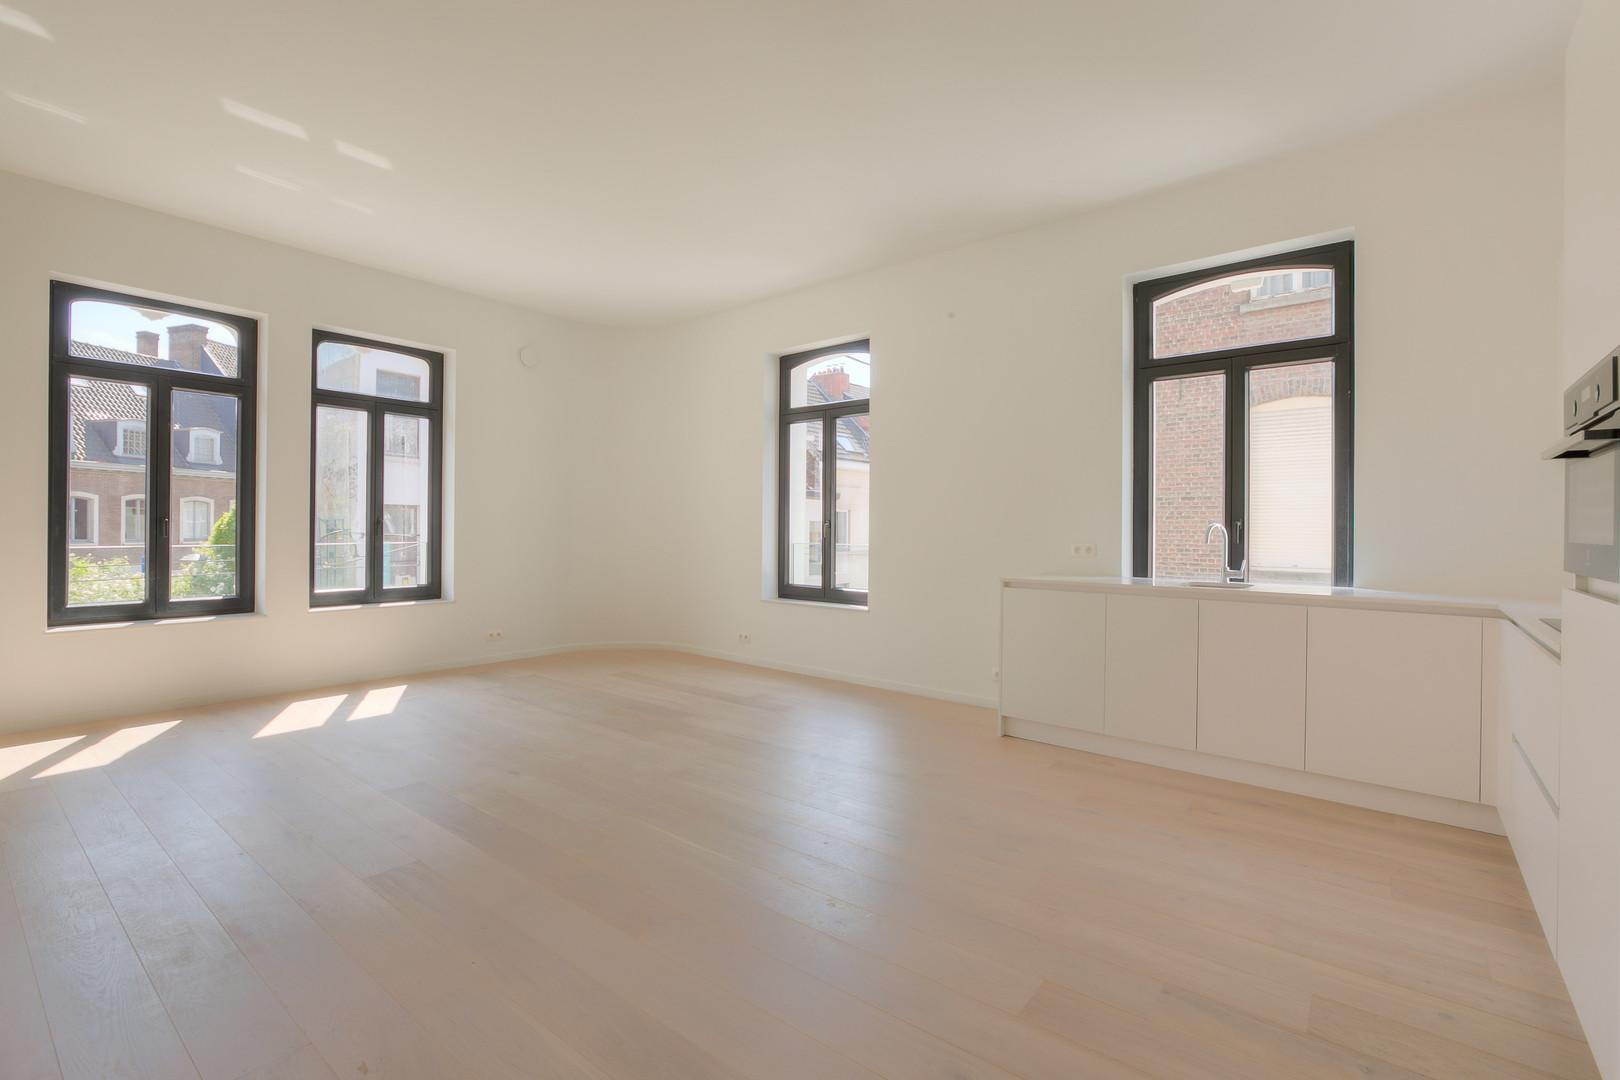 Exclusief nieuwbouw appartement in de kuip van Gent